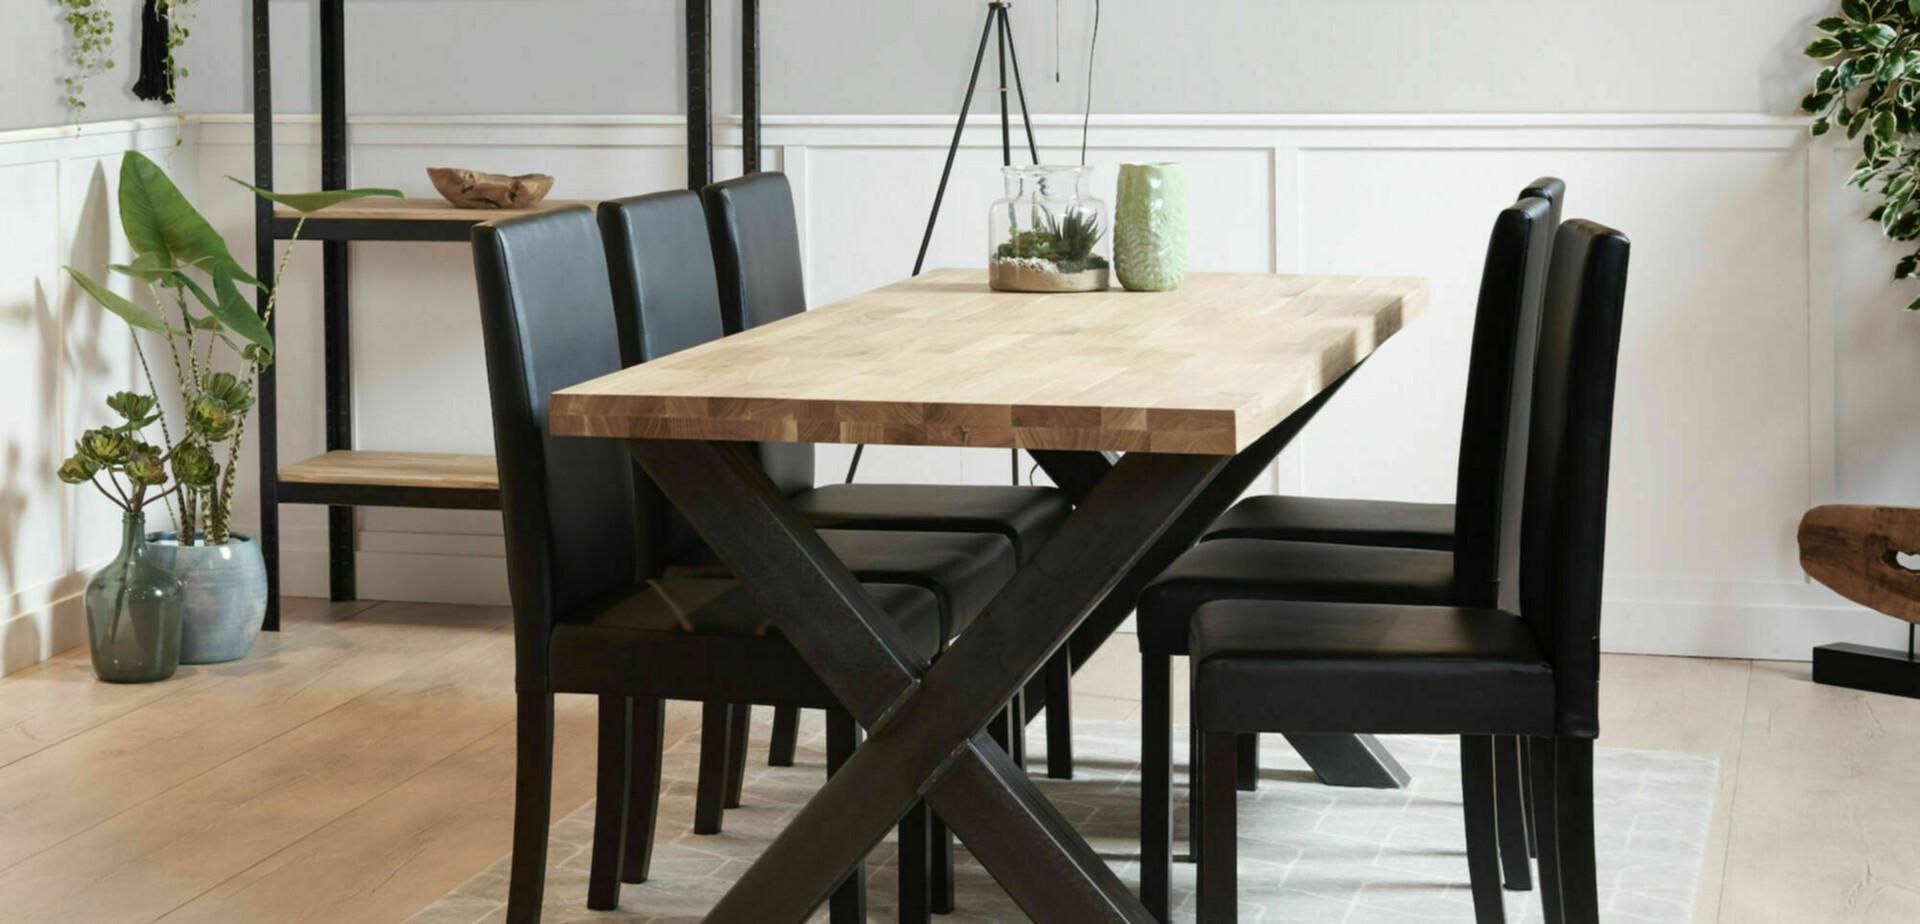 Industriele Sloophout Tafel.Industriele Eettafel Maken Met Stalen Tafelpoten Voordemakers Nl